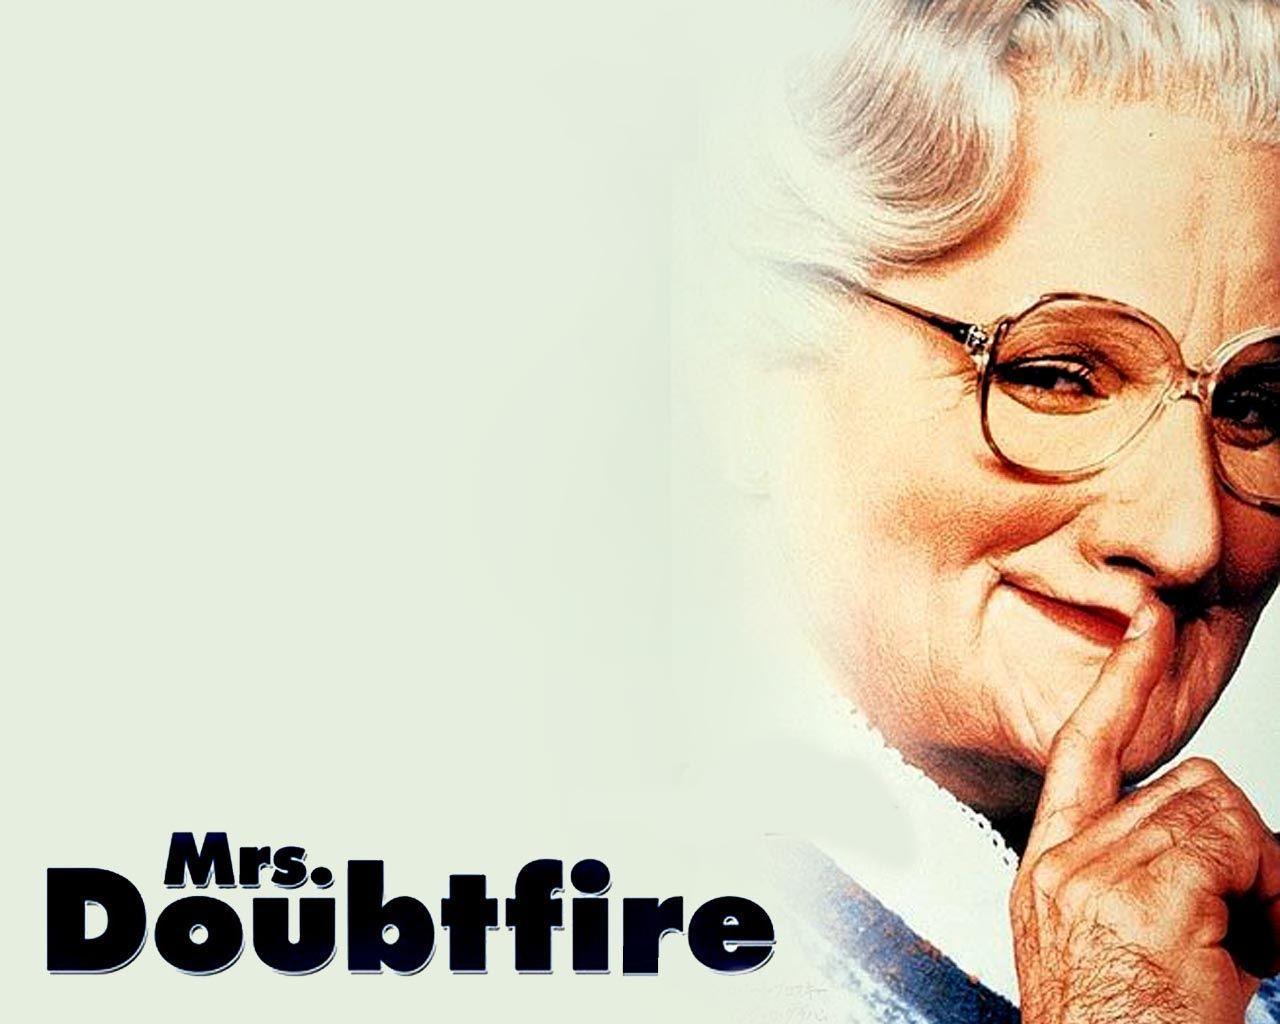 Mrs. Doubtfire Movie Wallpapers | WallpapersIn4k.net